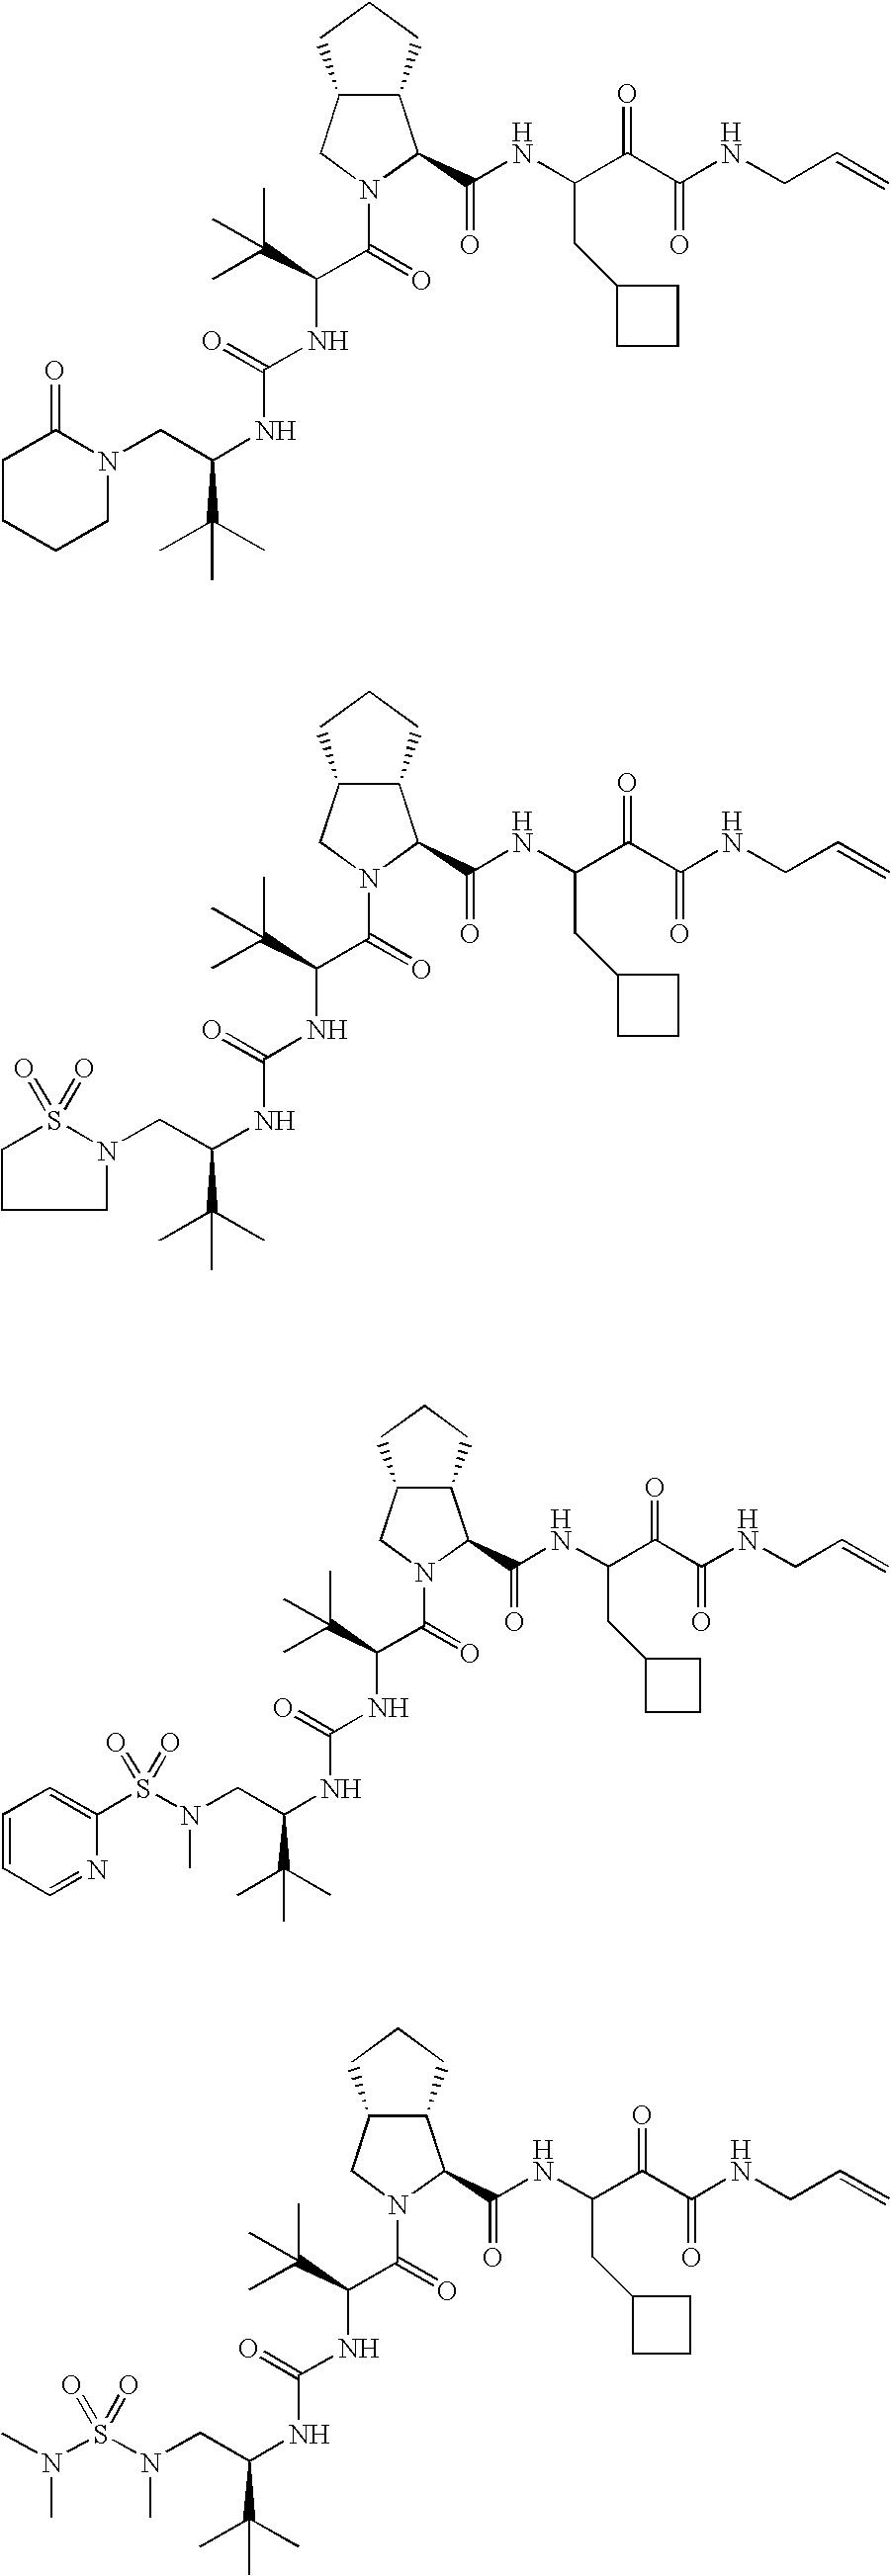 Figure US20060287248A1-20061221-C00538